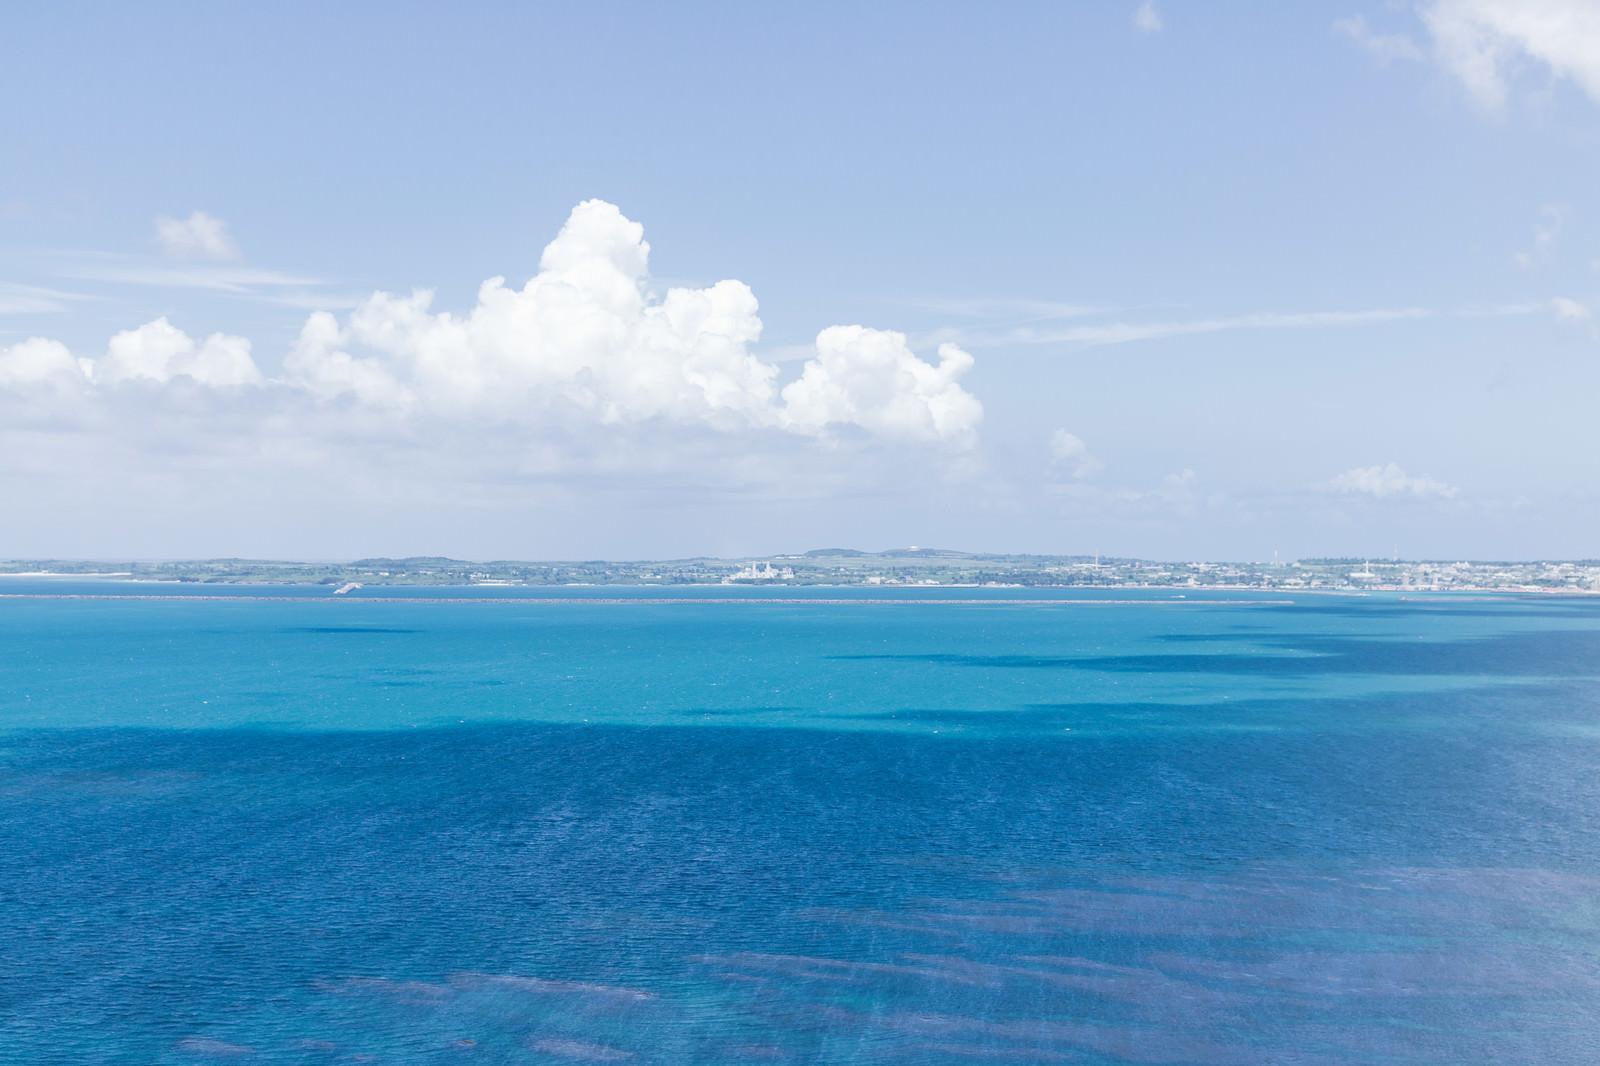 「伊良部島、牧山展望台からの景観」の写真